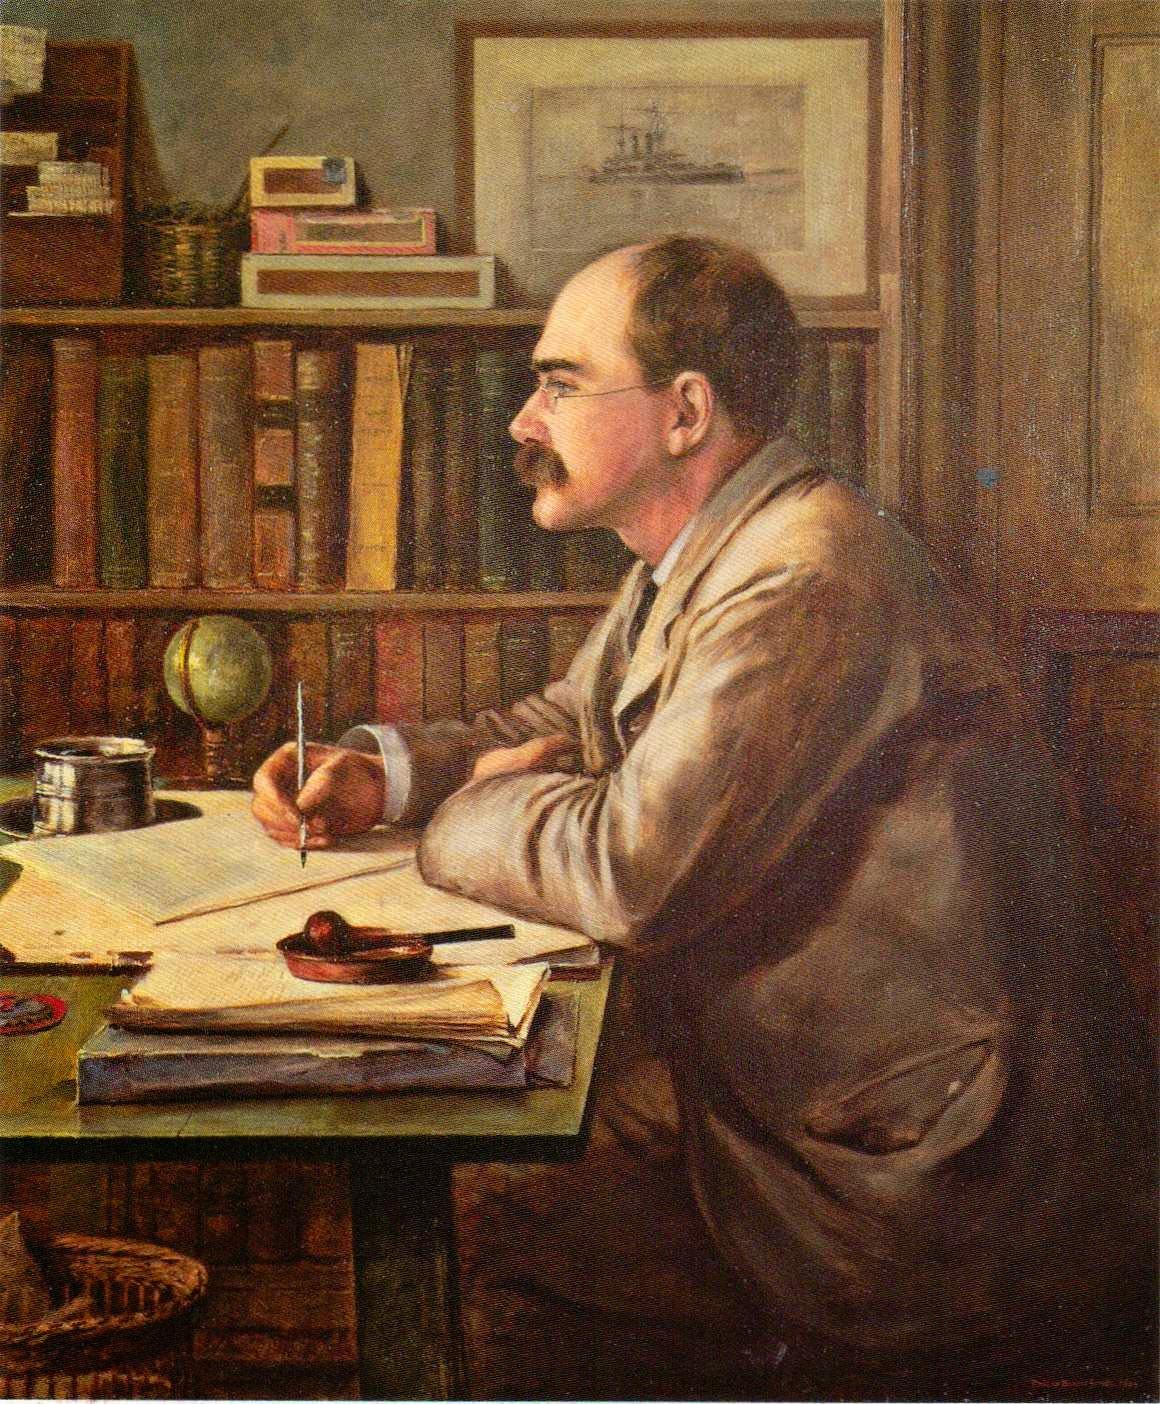 Rudyard Kipling by Sir Philip Burne-Jones